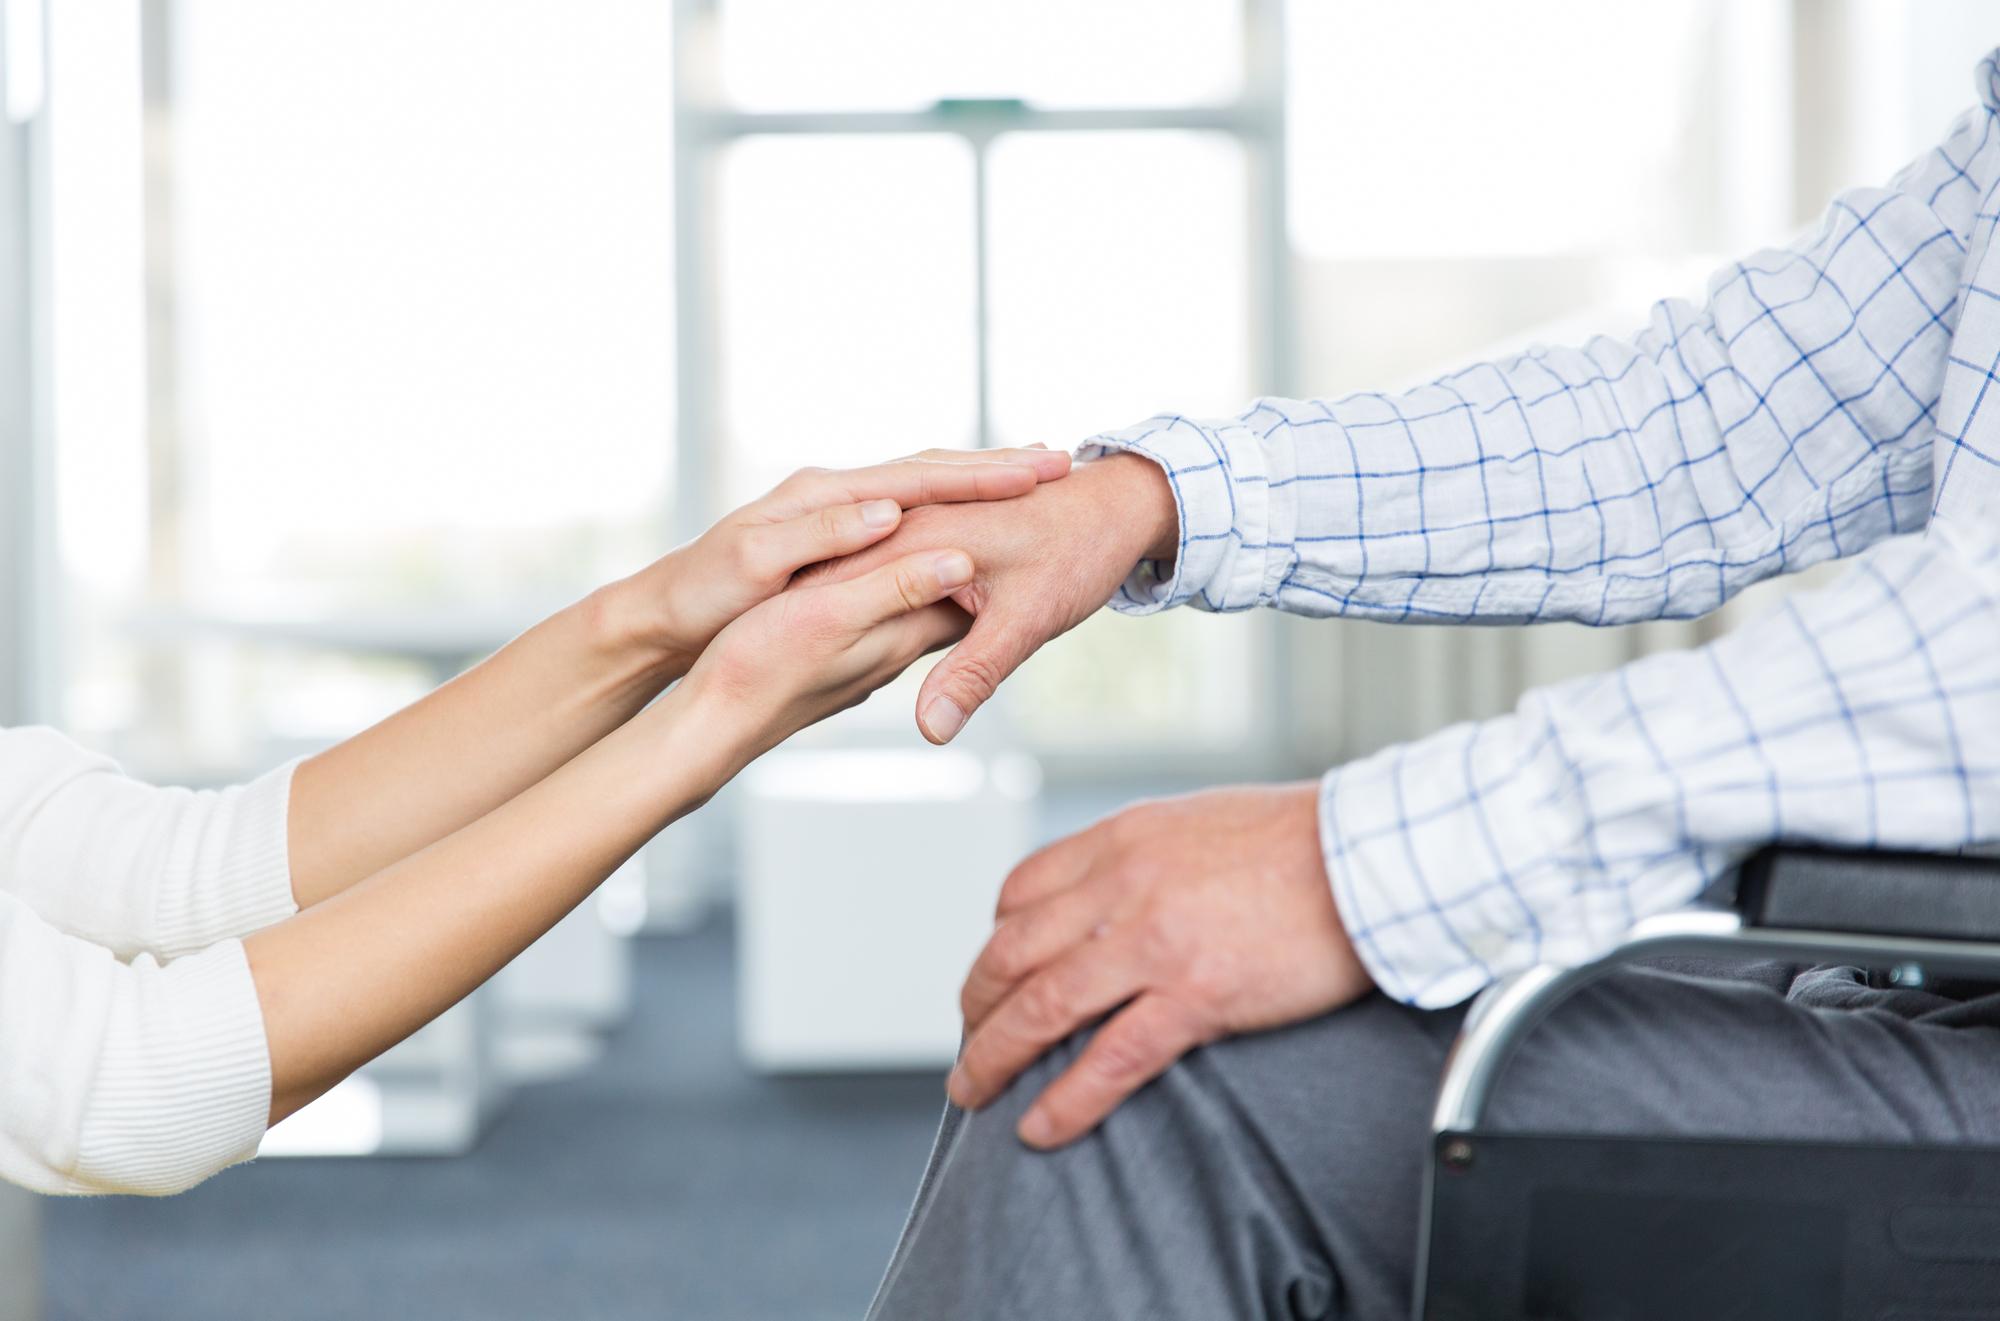 介護保険制度を利用したいと考える家族の手